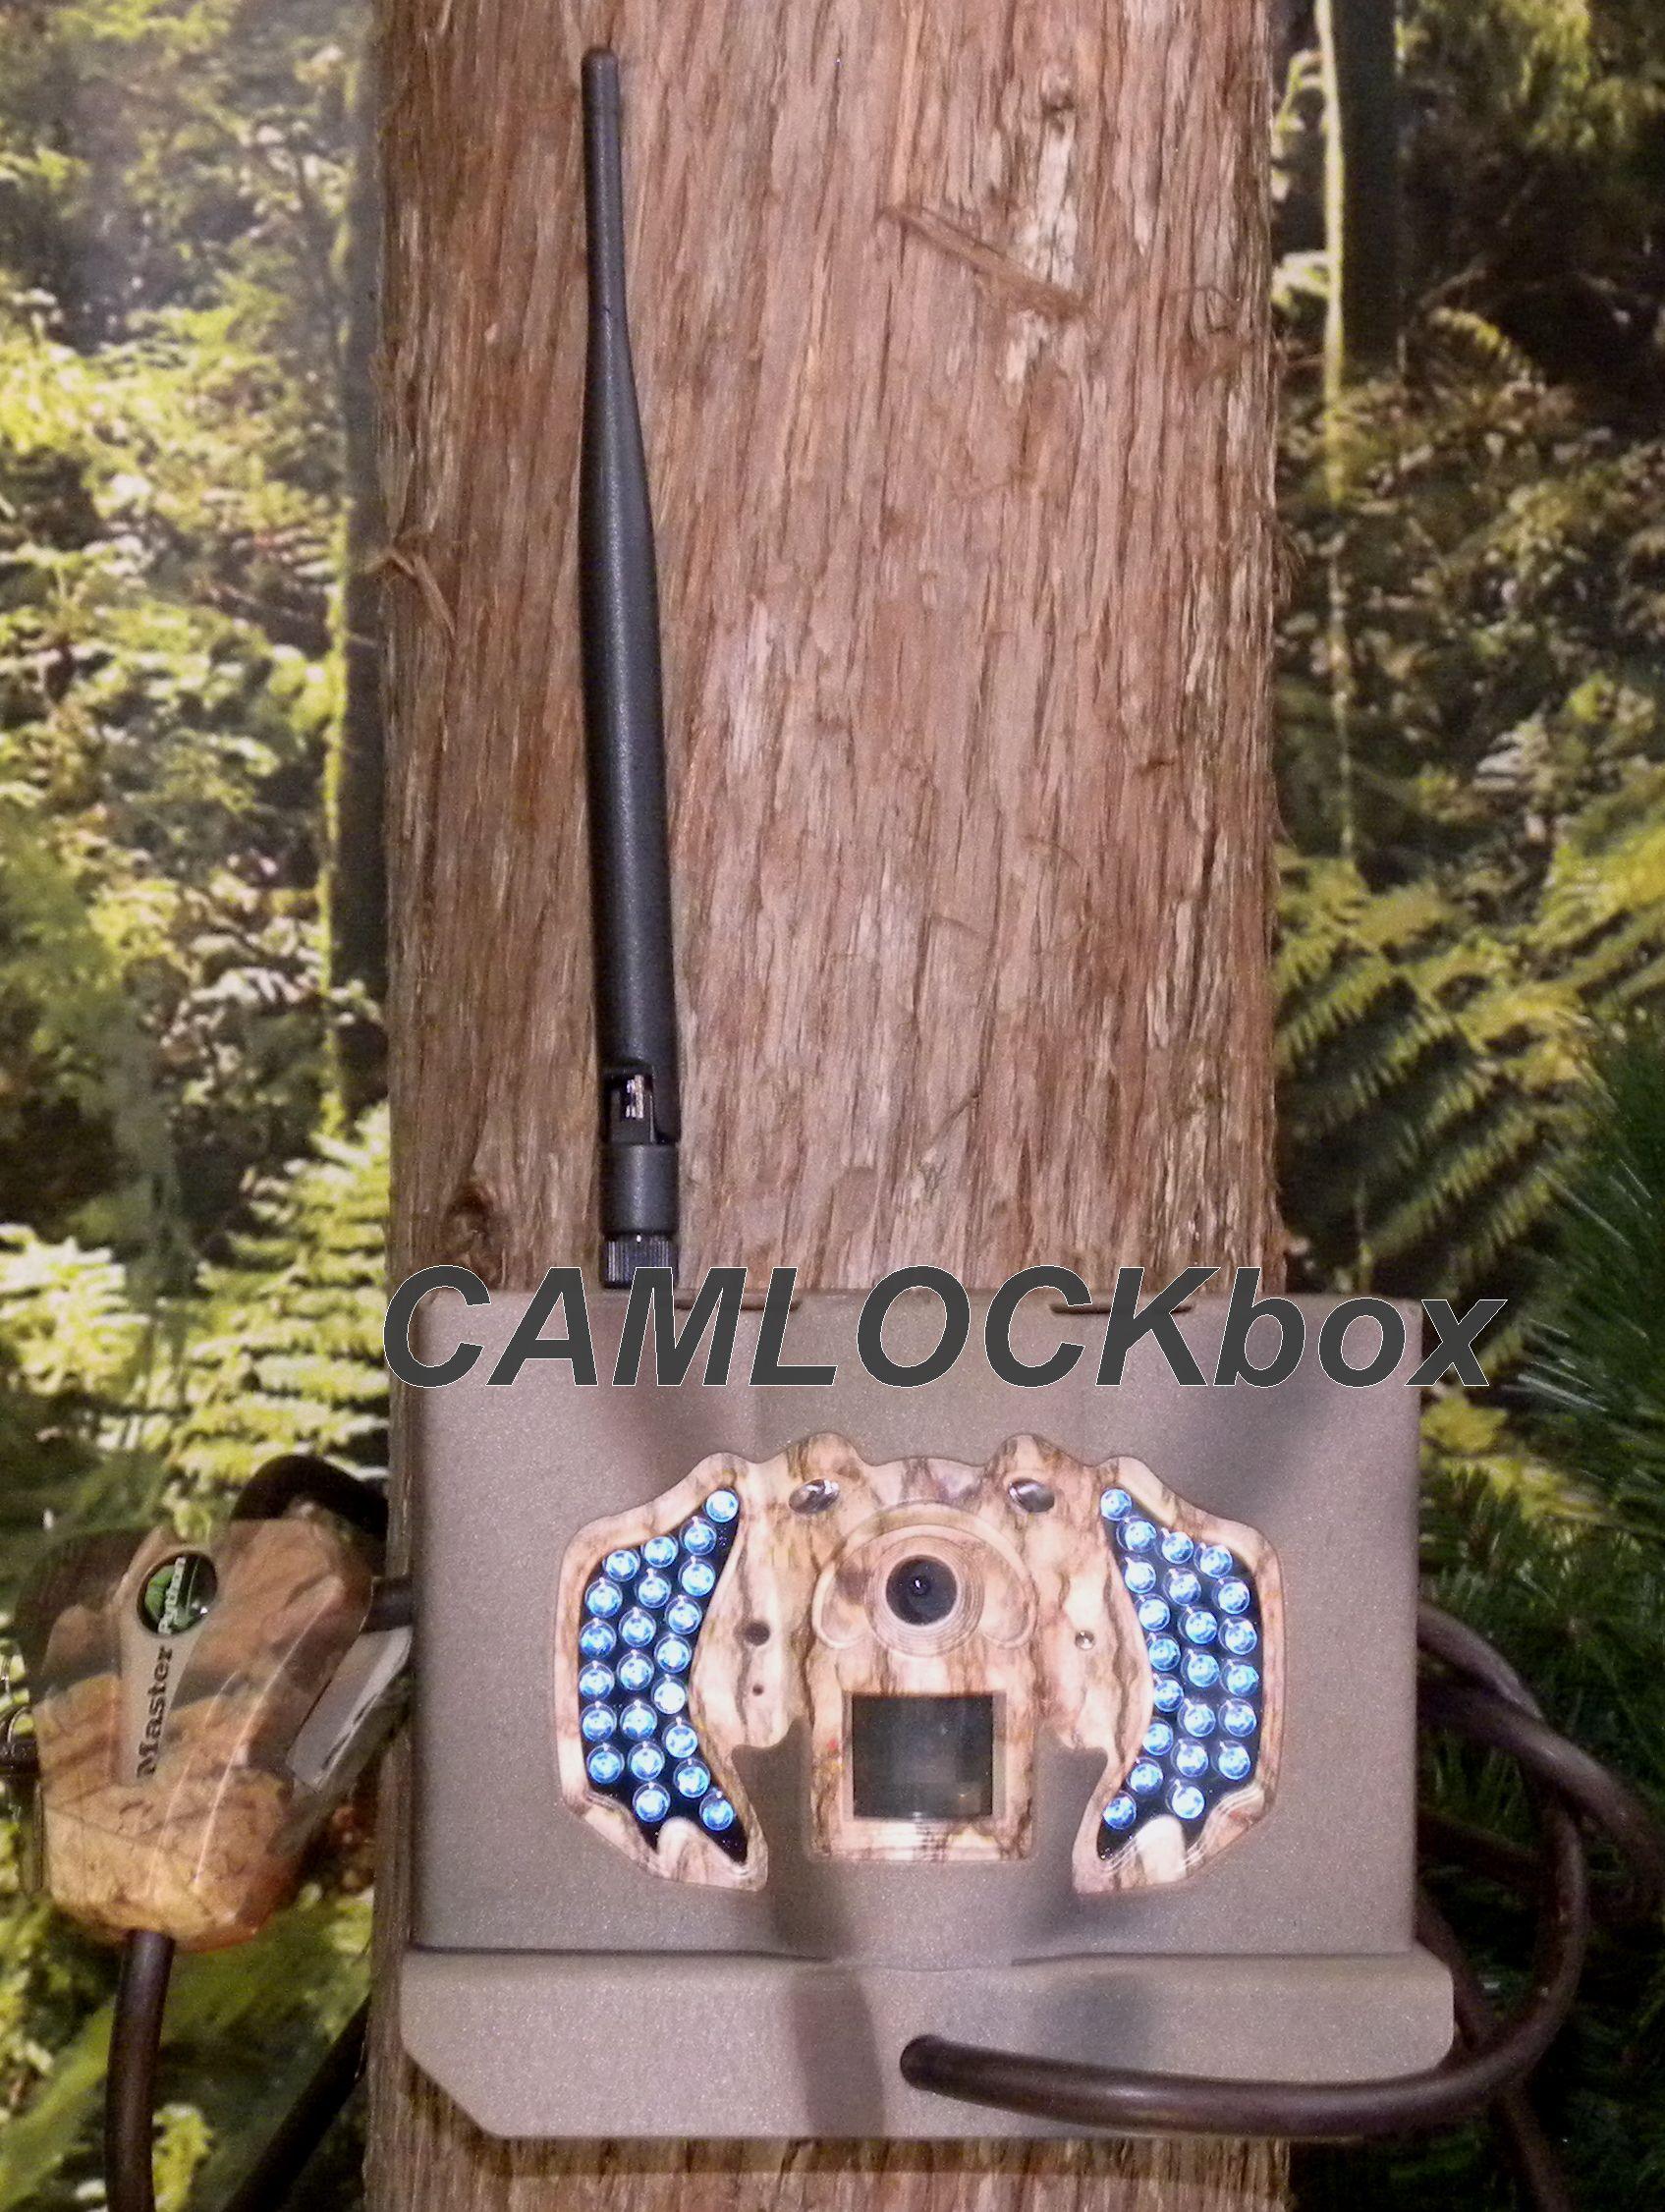 Bolyguard MG982 10M MG982K 10M SG900MB Security Box